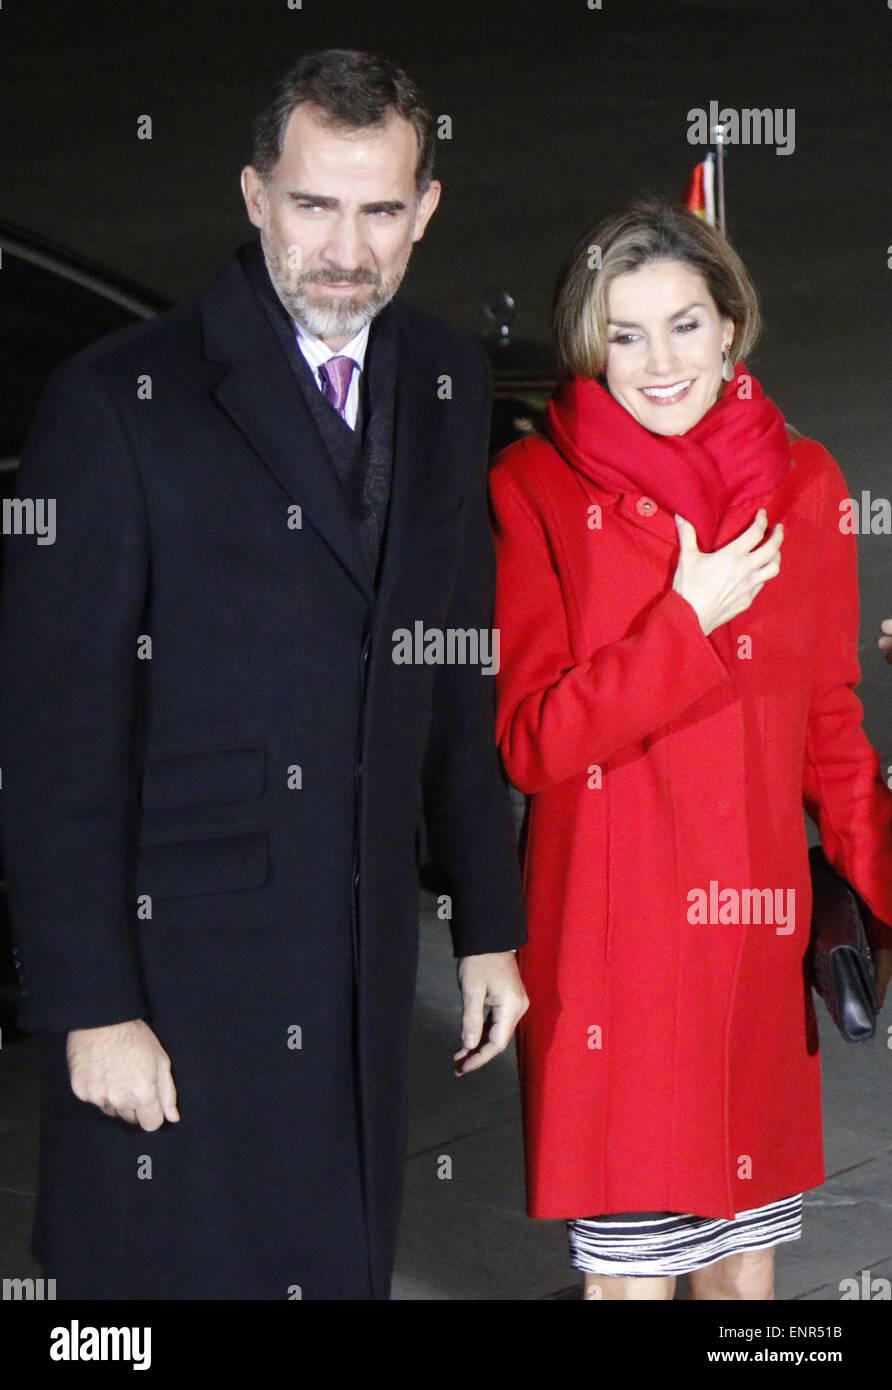 Koenig Felipe VI, Koenigin Letizia von Spanien - Treffen der dt. Bundeskanzlerin mit dem spanischen Koenigspaar, - Stock Image